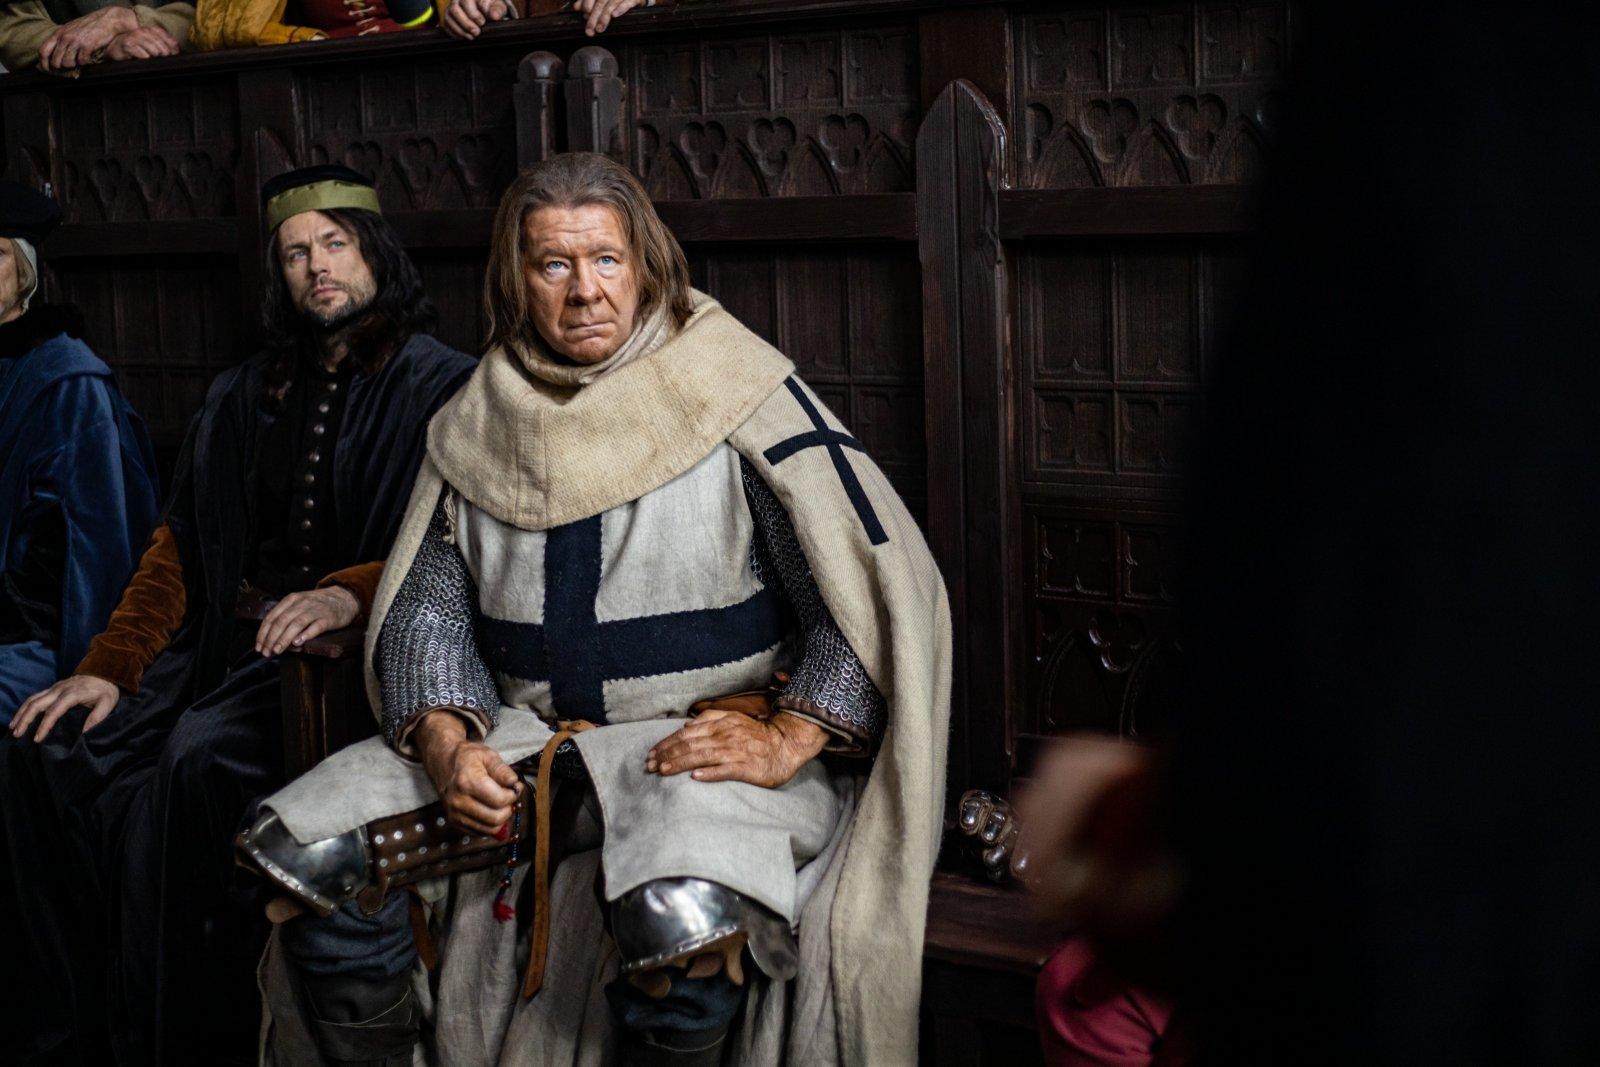 FOTOD | Vaata, kuidas lõppesid Apteeker Melchiori filmivõtted